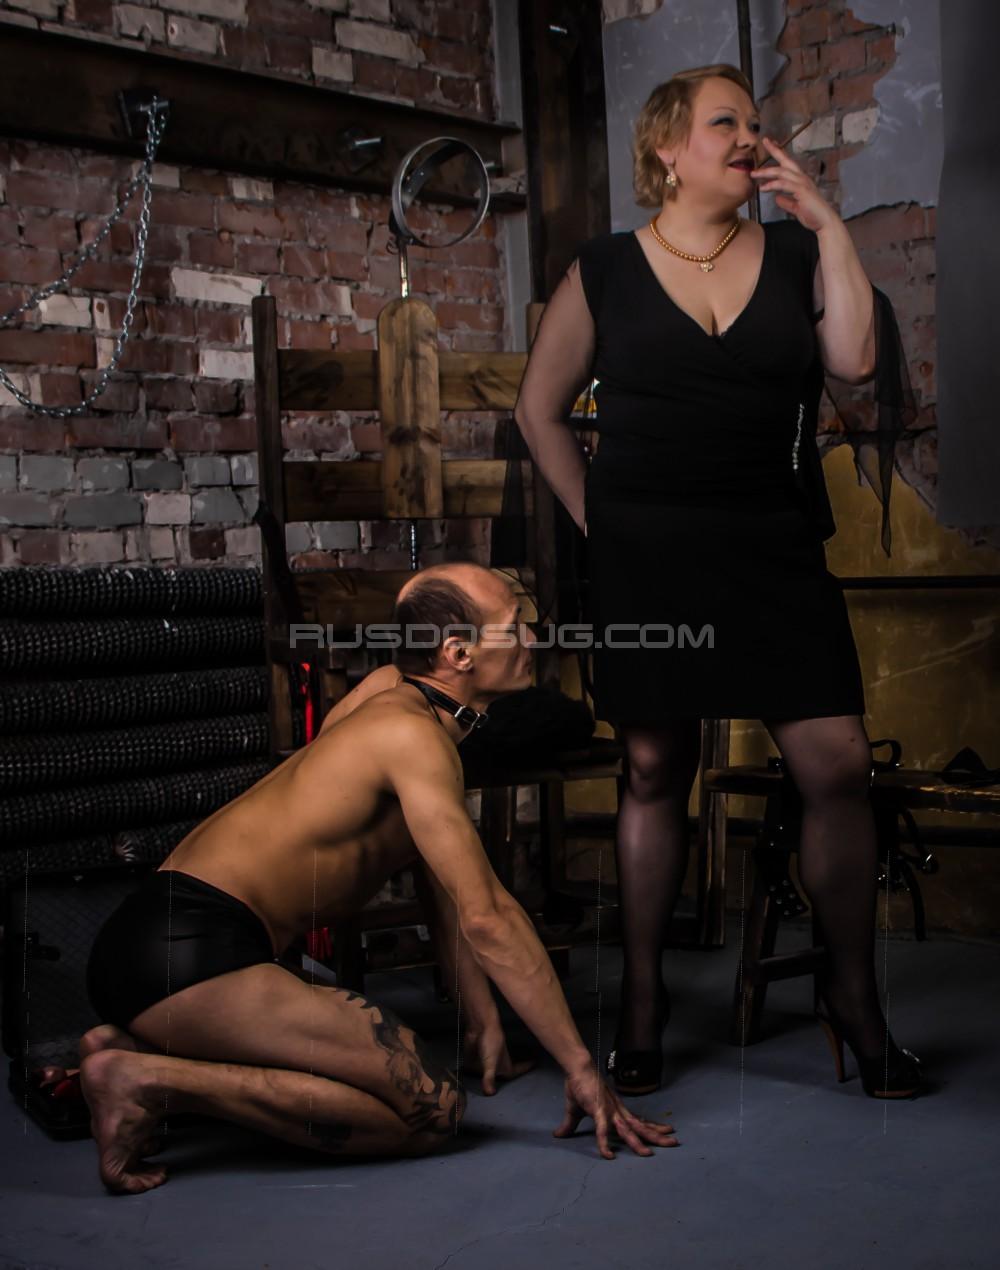 проститутки санкт петербурга с большой грудью